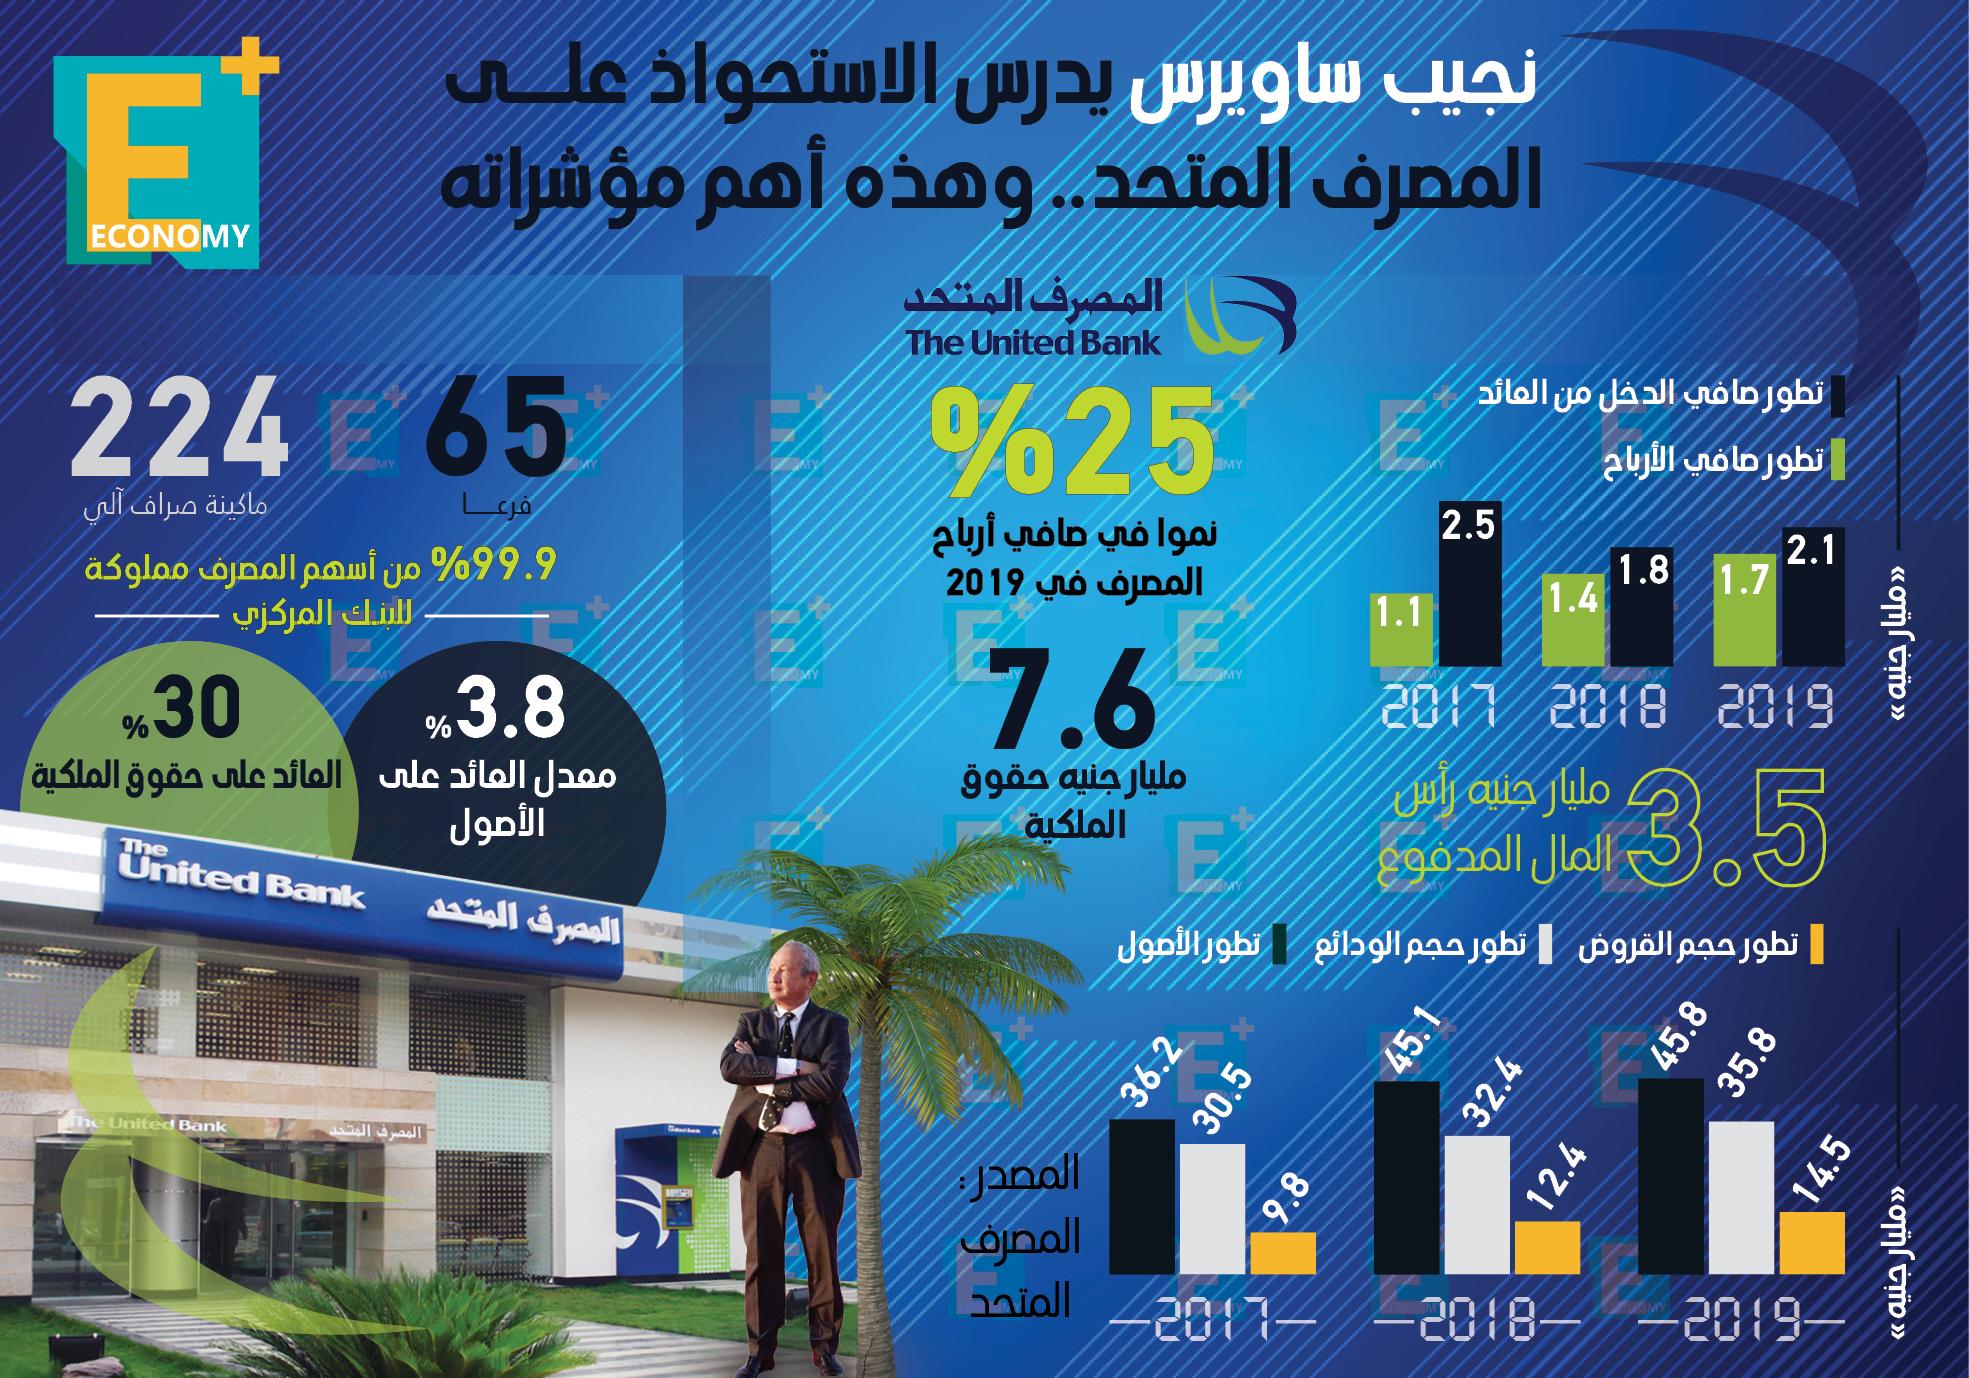 نجيب ساويرس يدرس الاستحواذ على المصرف المتحد